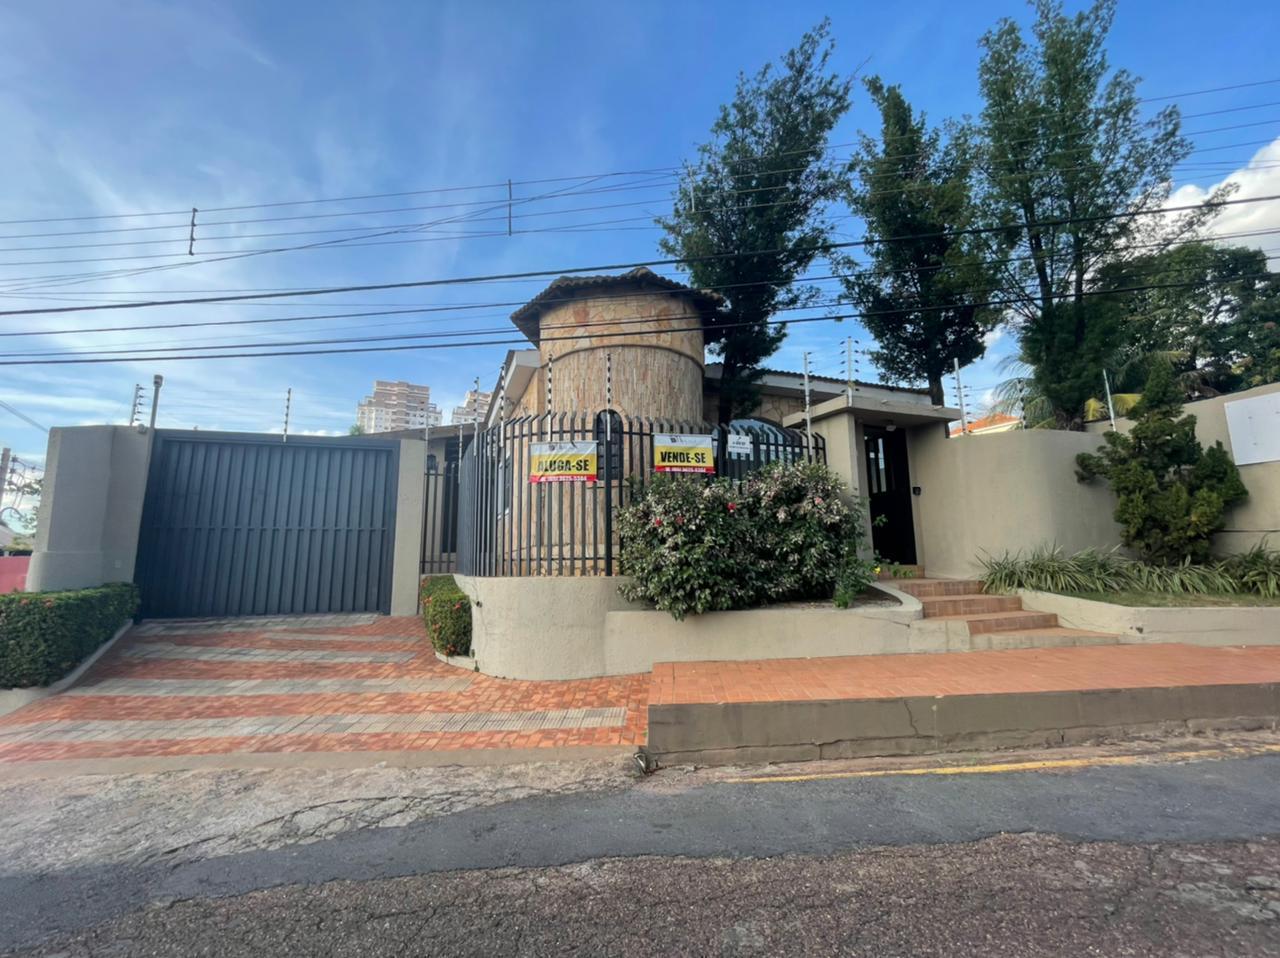 Casa à venda,  com 11 quartos sendo 5 suites no Quilombo em Cuiabá MT 101 12998